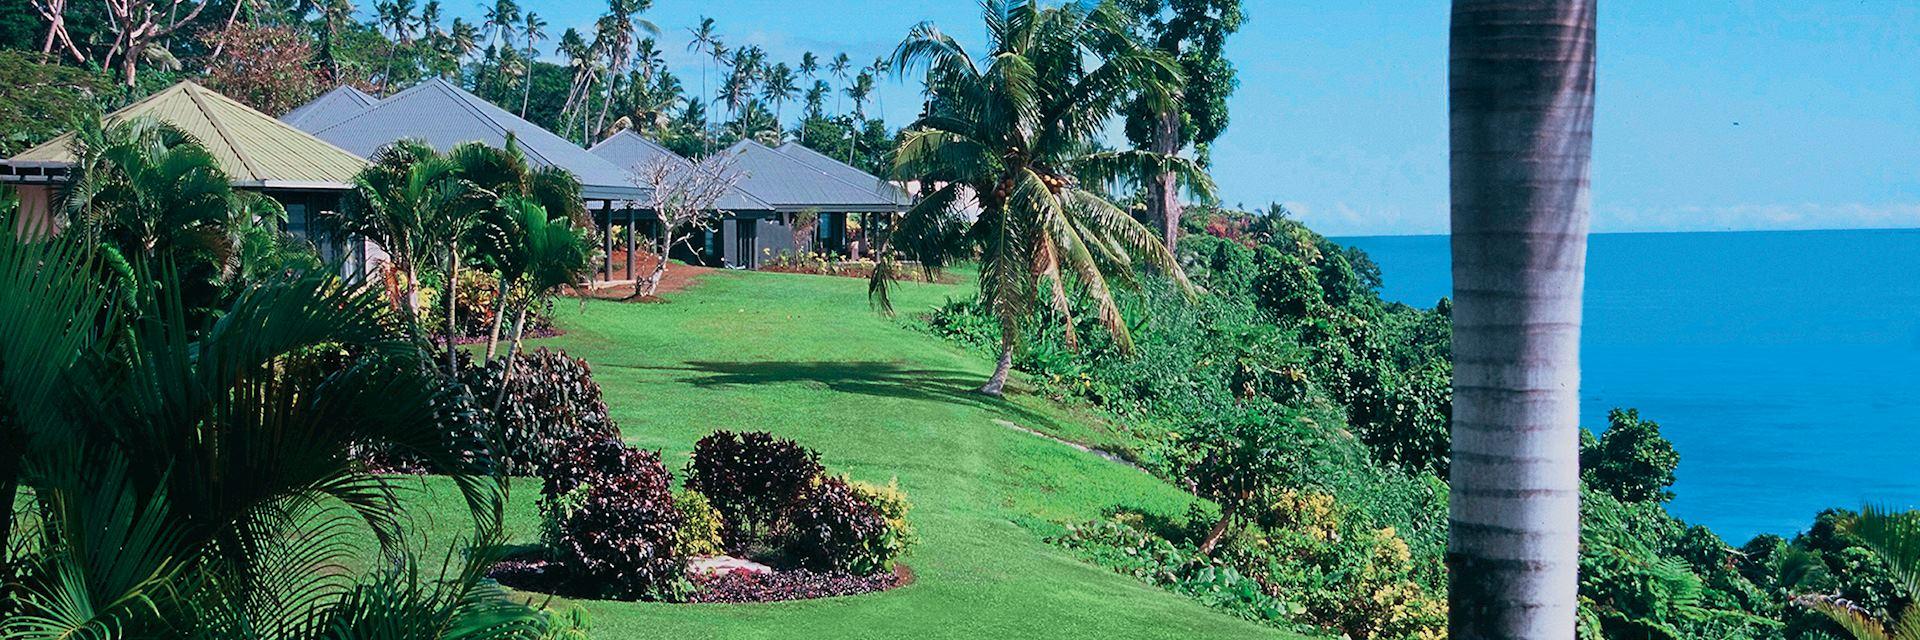 Taveuni Island Resort, Fiji